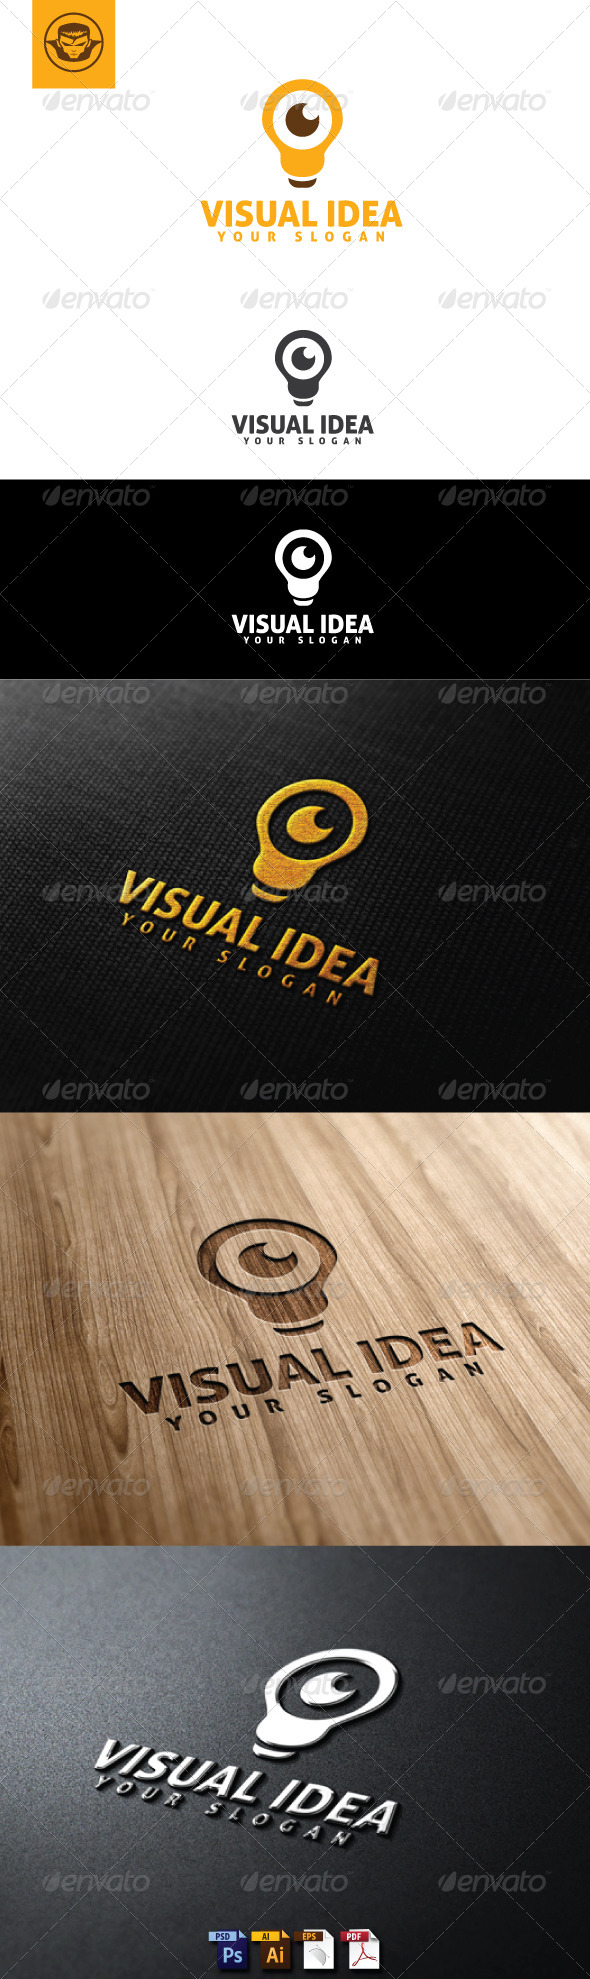 GraphicRiver Visual Idea Logo Template 5103733